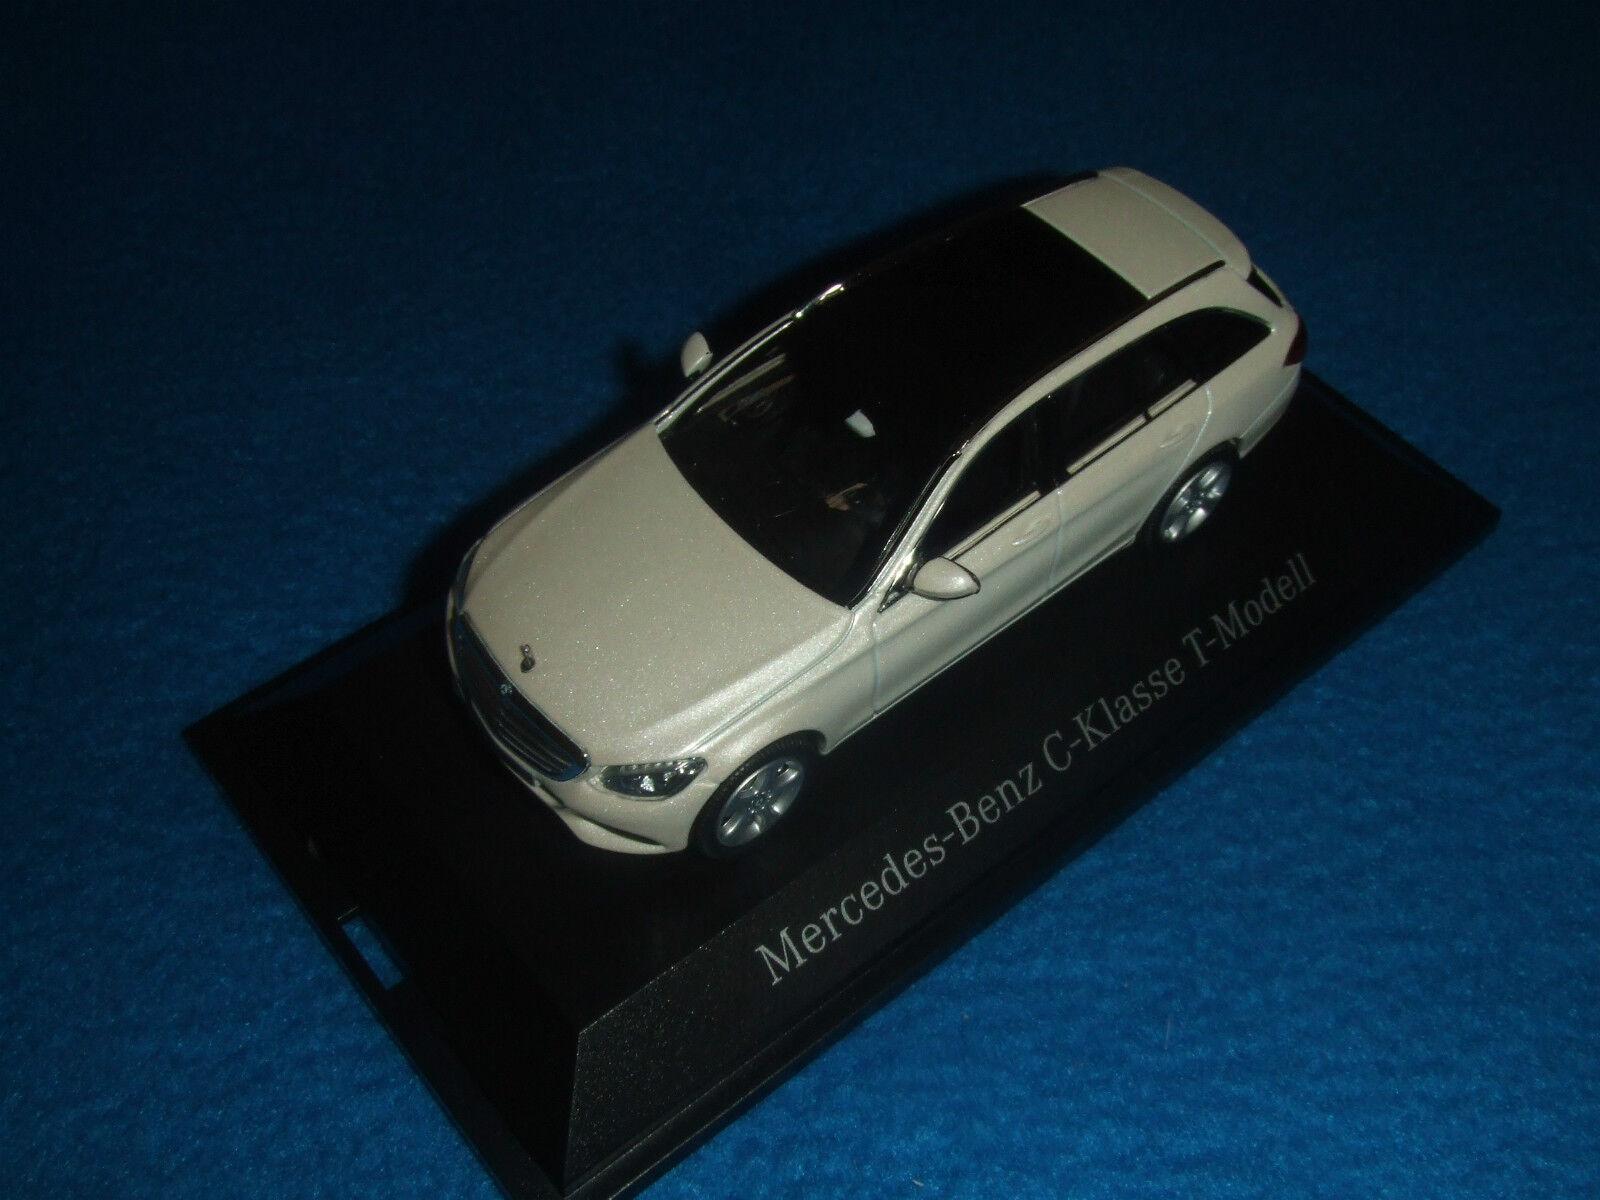 Mercedes Benz S 205 C Classe T Modèle Blanc 1 43 Nouveau neuf dans sa boîte